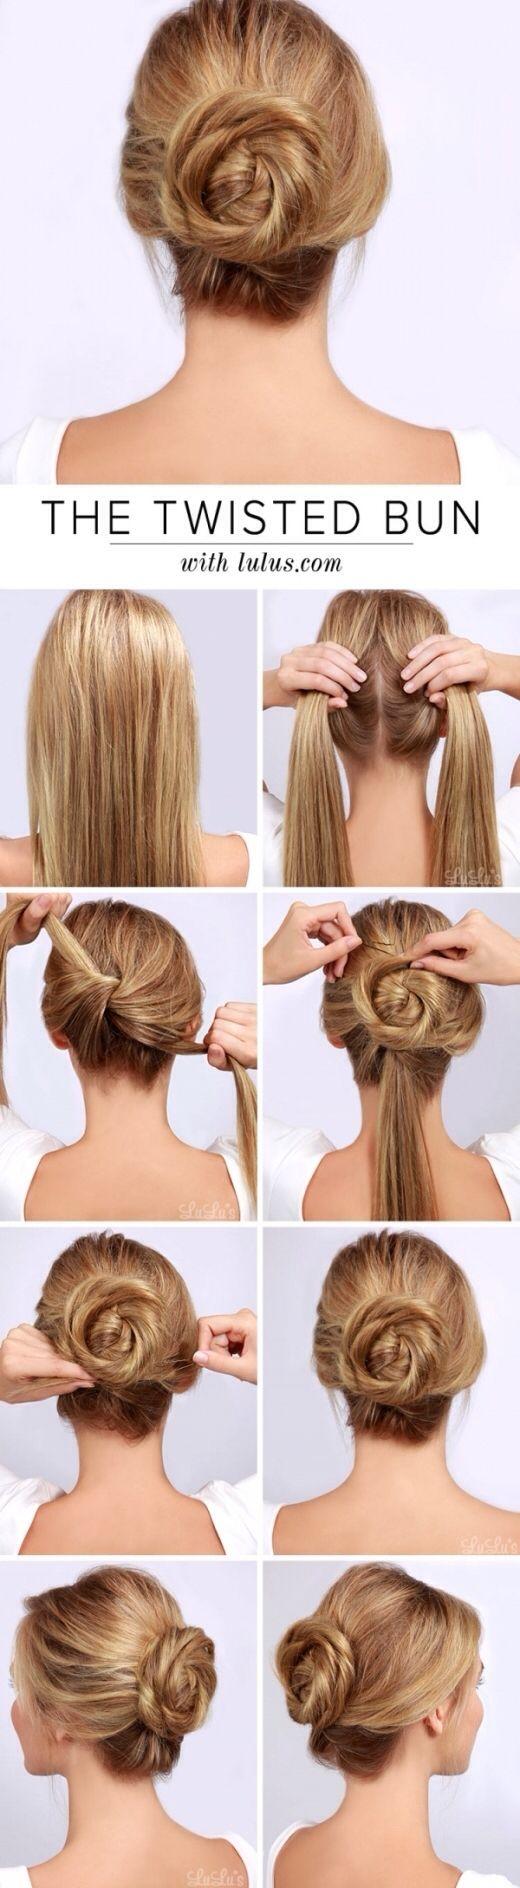 Epingle Par Cristhellys Alvarez Faneite Sur Tip Hair Coiffures Simples Coiffure Facile Tutoriels Coiffure